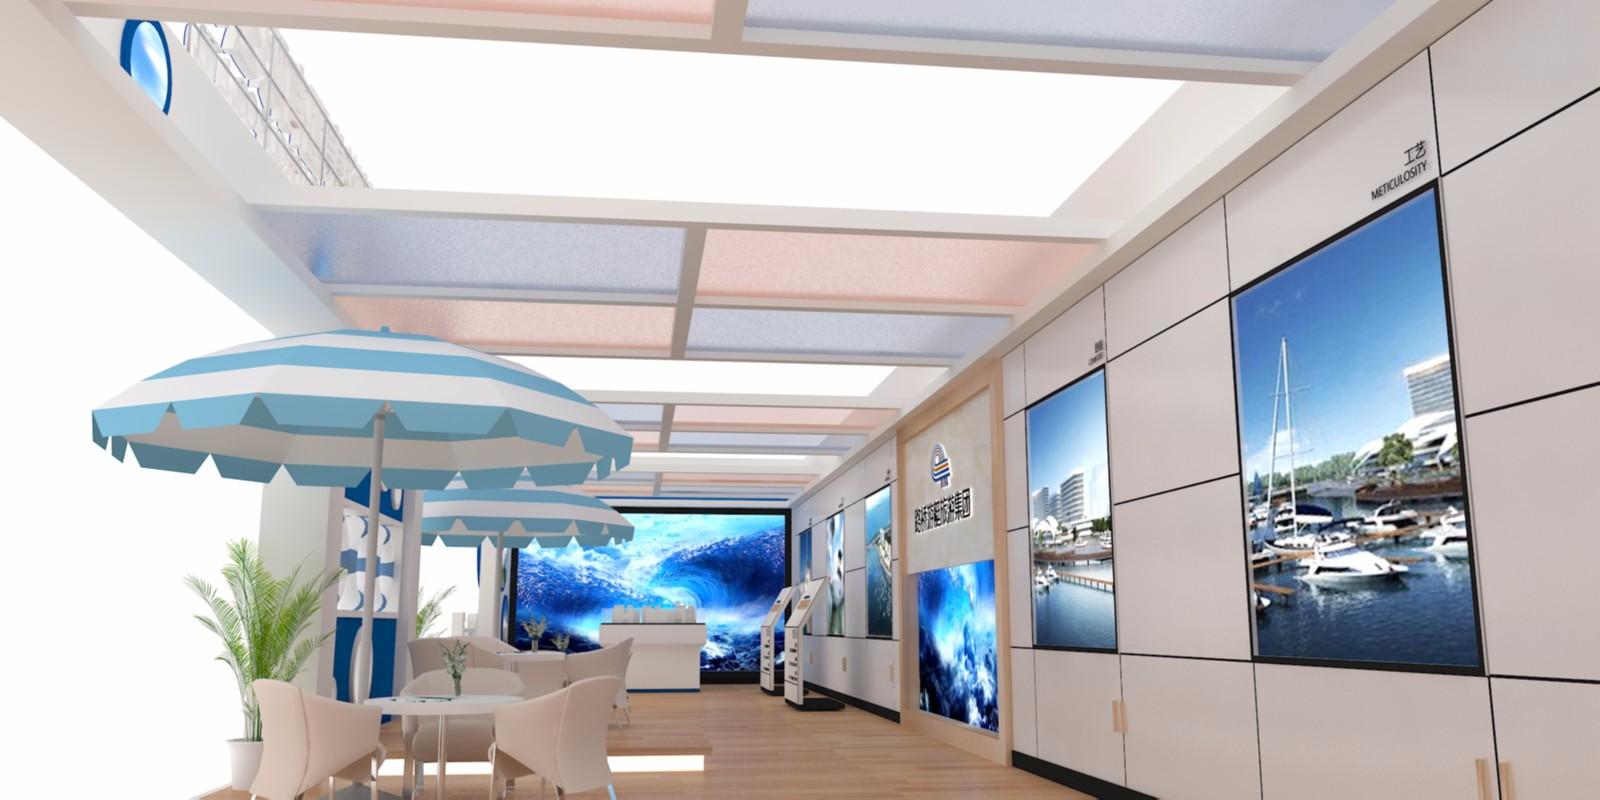 2017路桥游艇展|展览特装-厦门市嘉维世纪会展服务有限公司